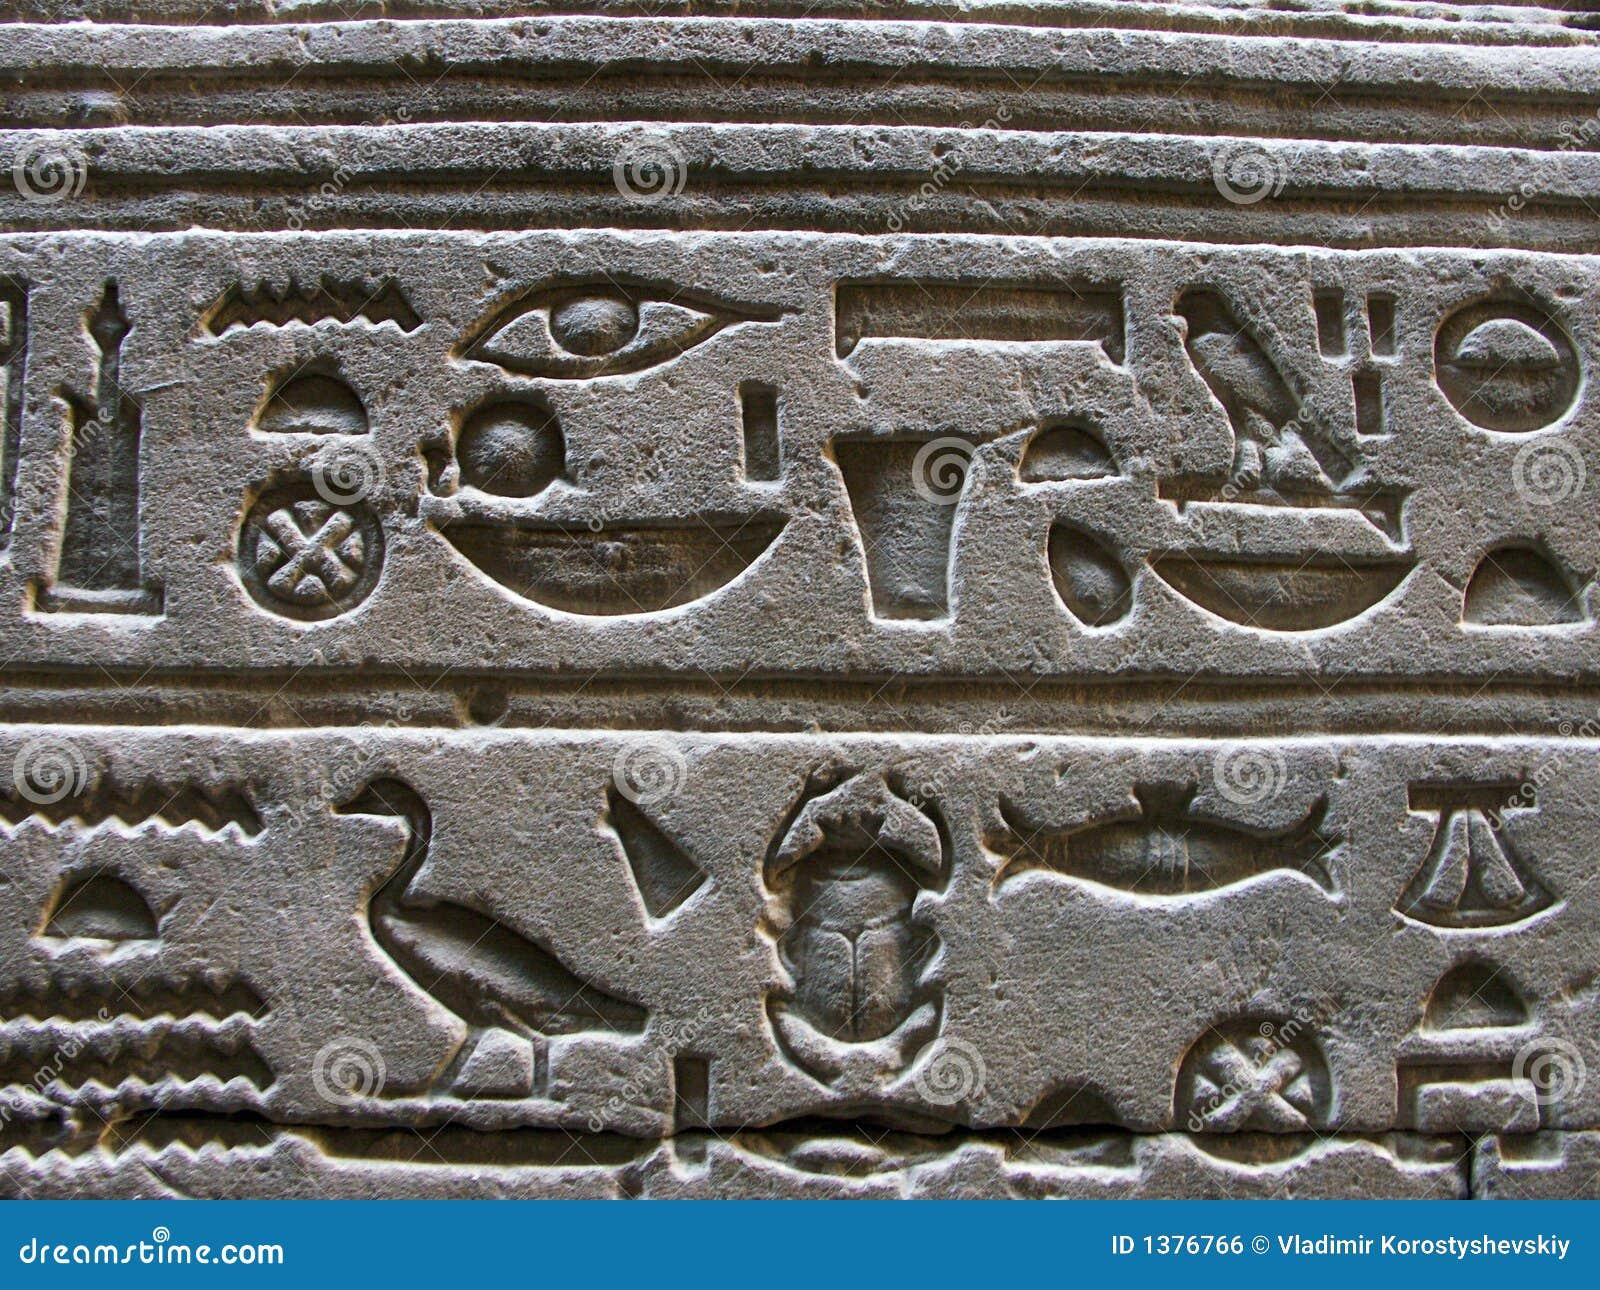 Download Edfu Temple, Egypt stock photo. Image of wonder, background - 1376766